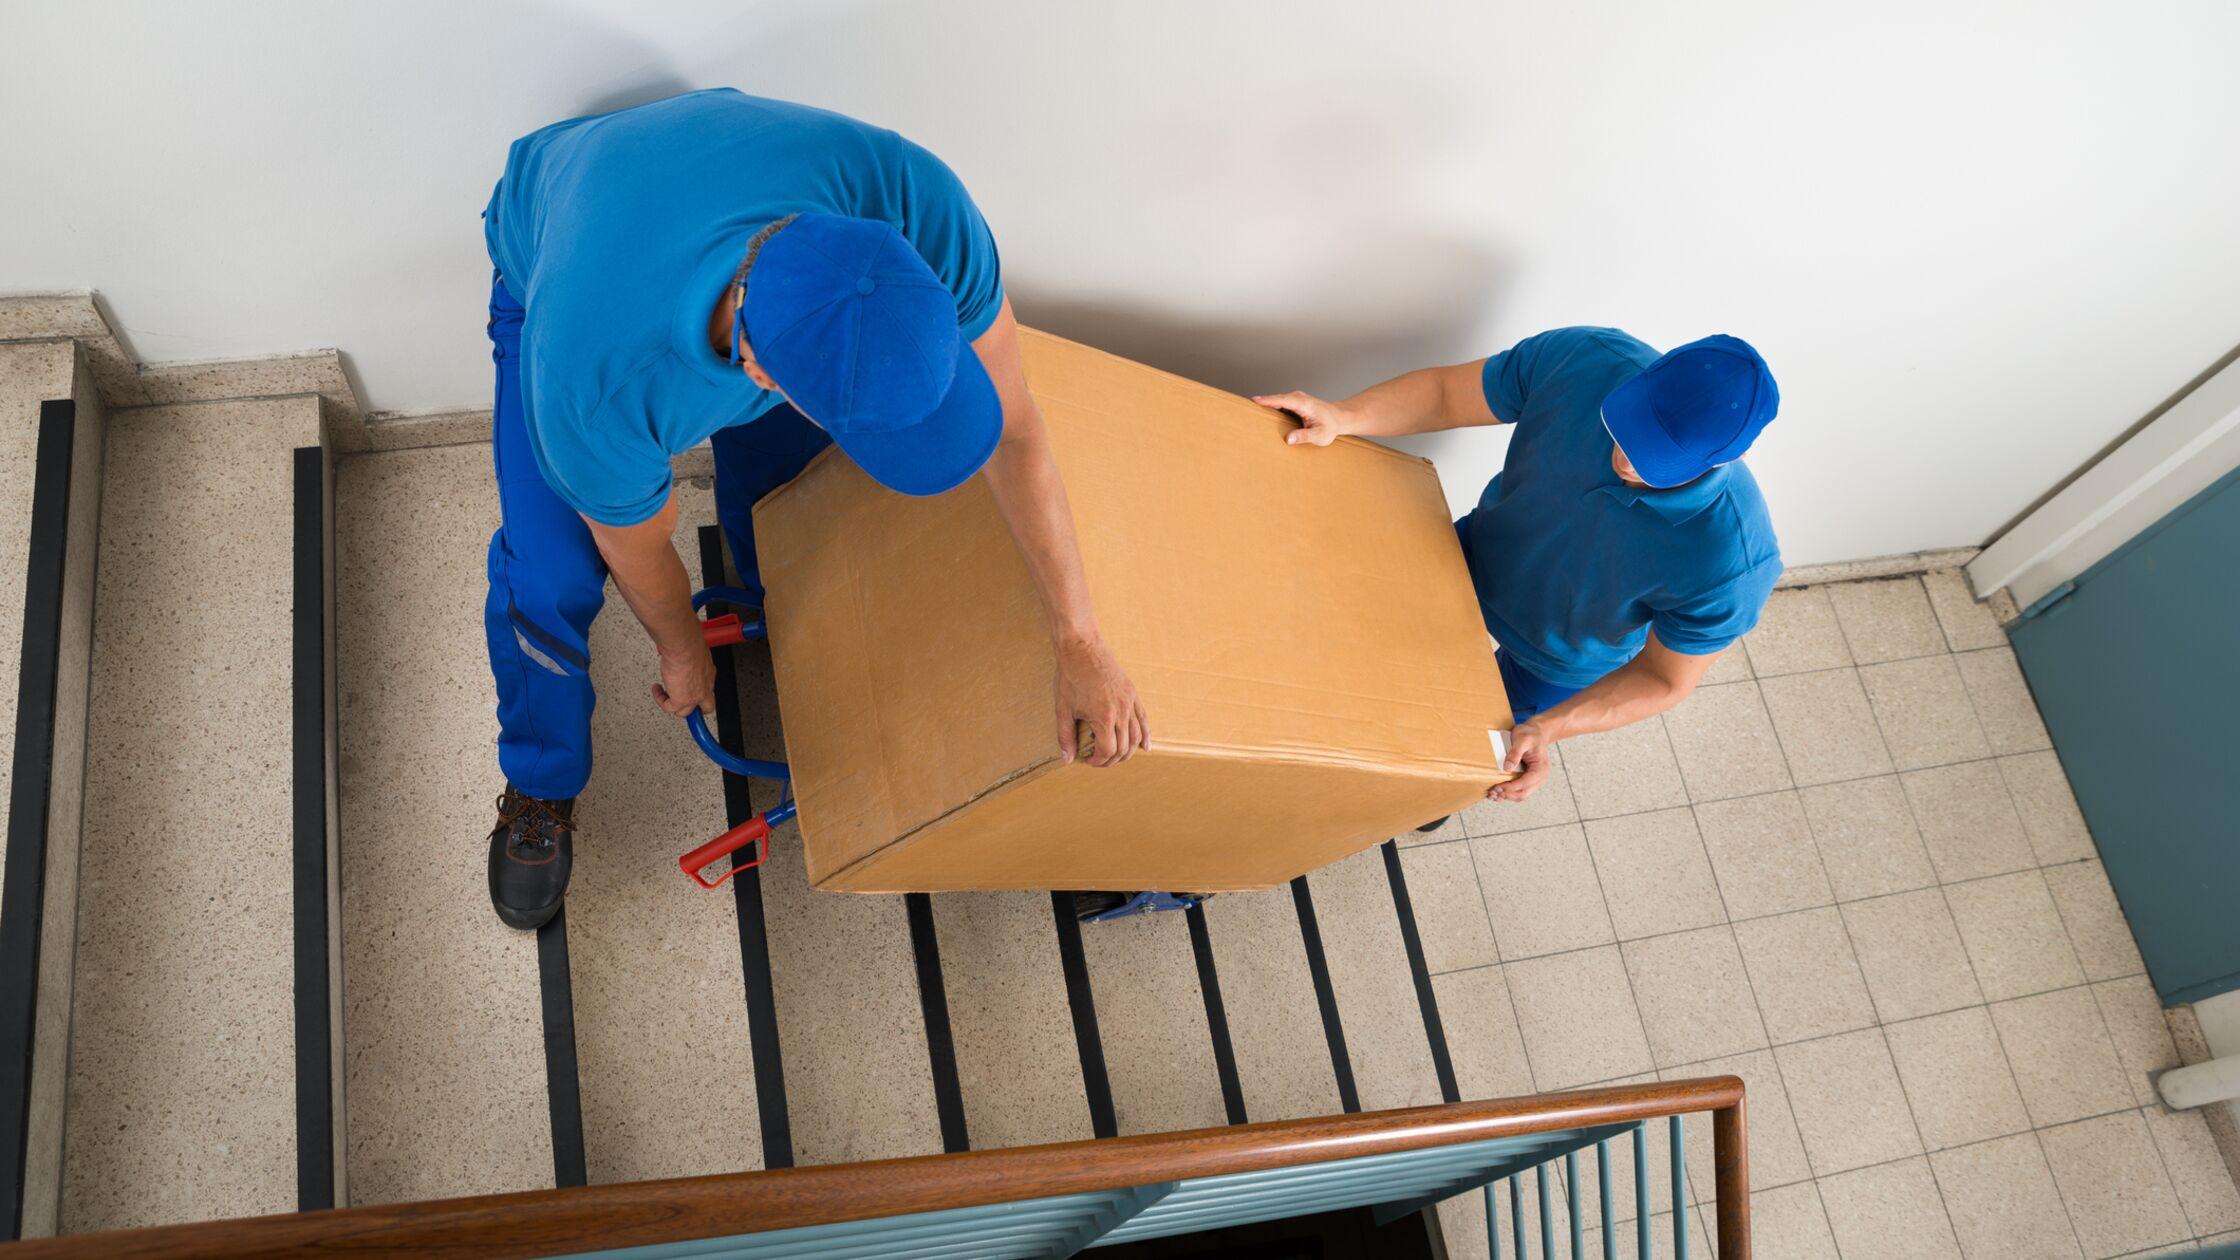 Zwei Männer transportieren Tresor auf Treppe